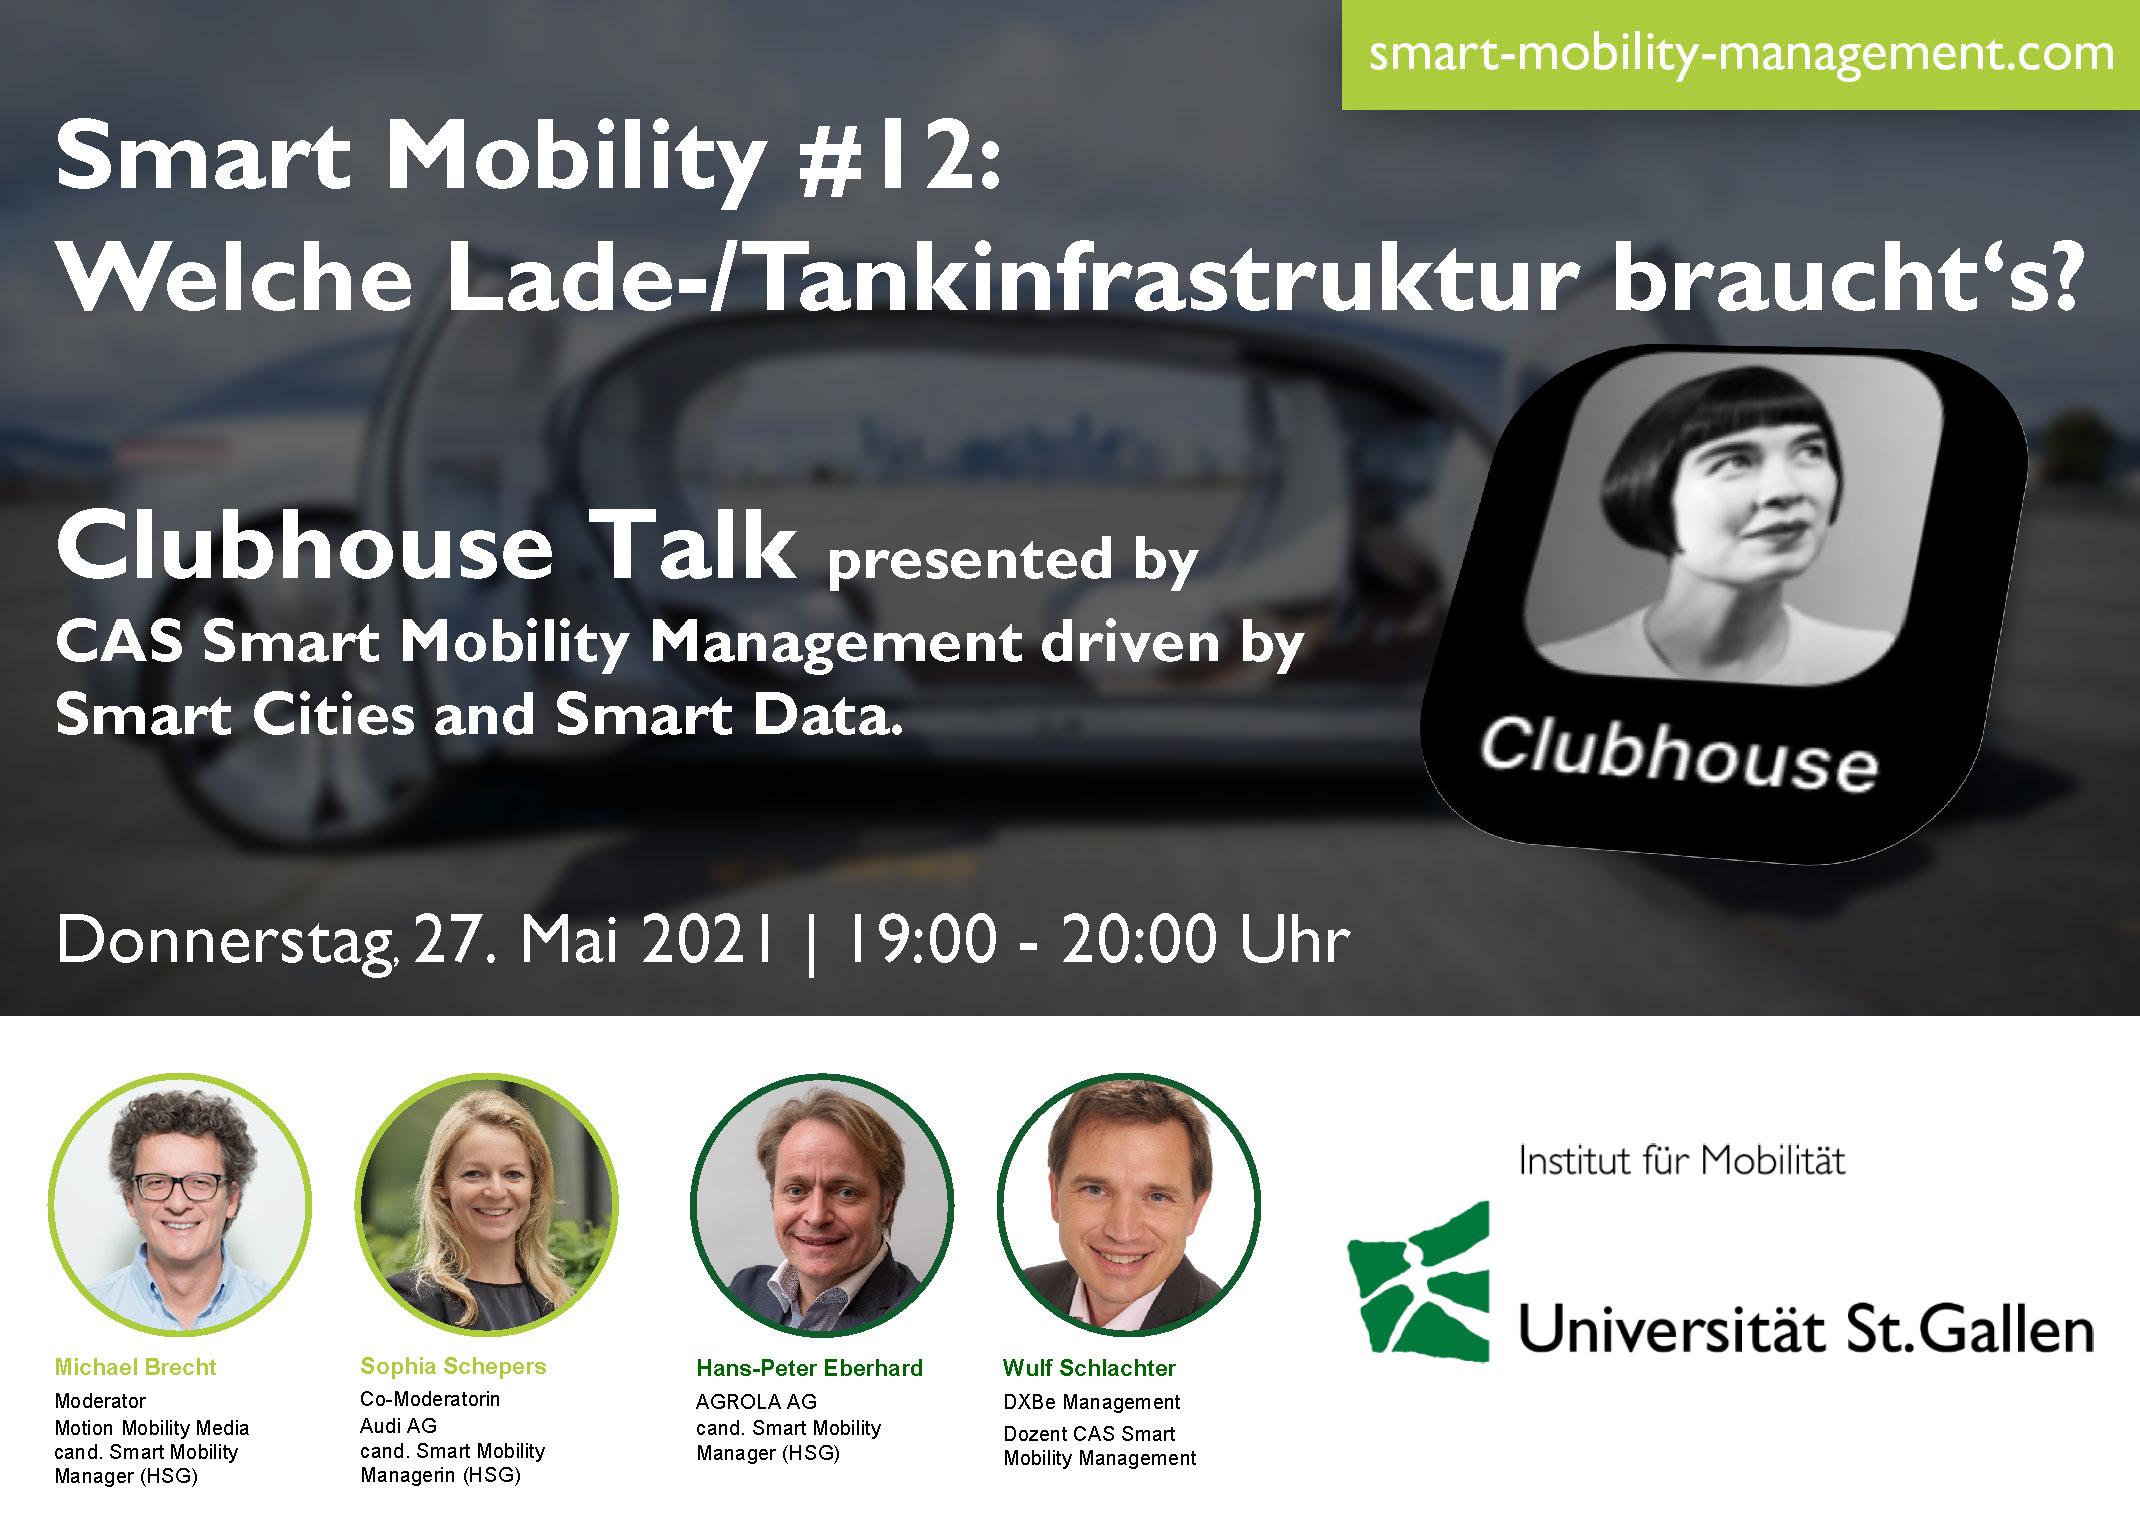 Smart Mobility #18: Wie gestaltet die Bahn Zukunftsmobilität?